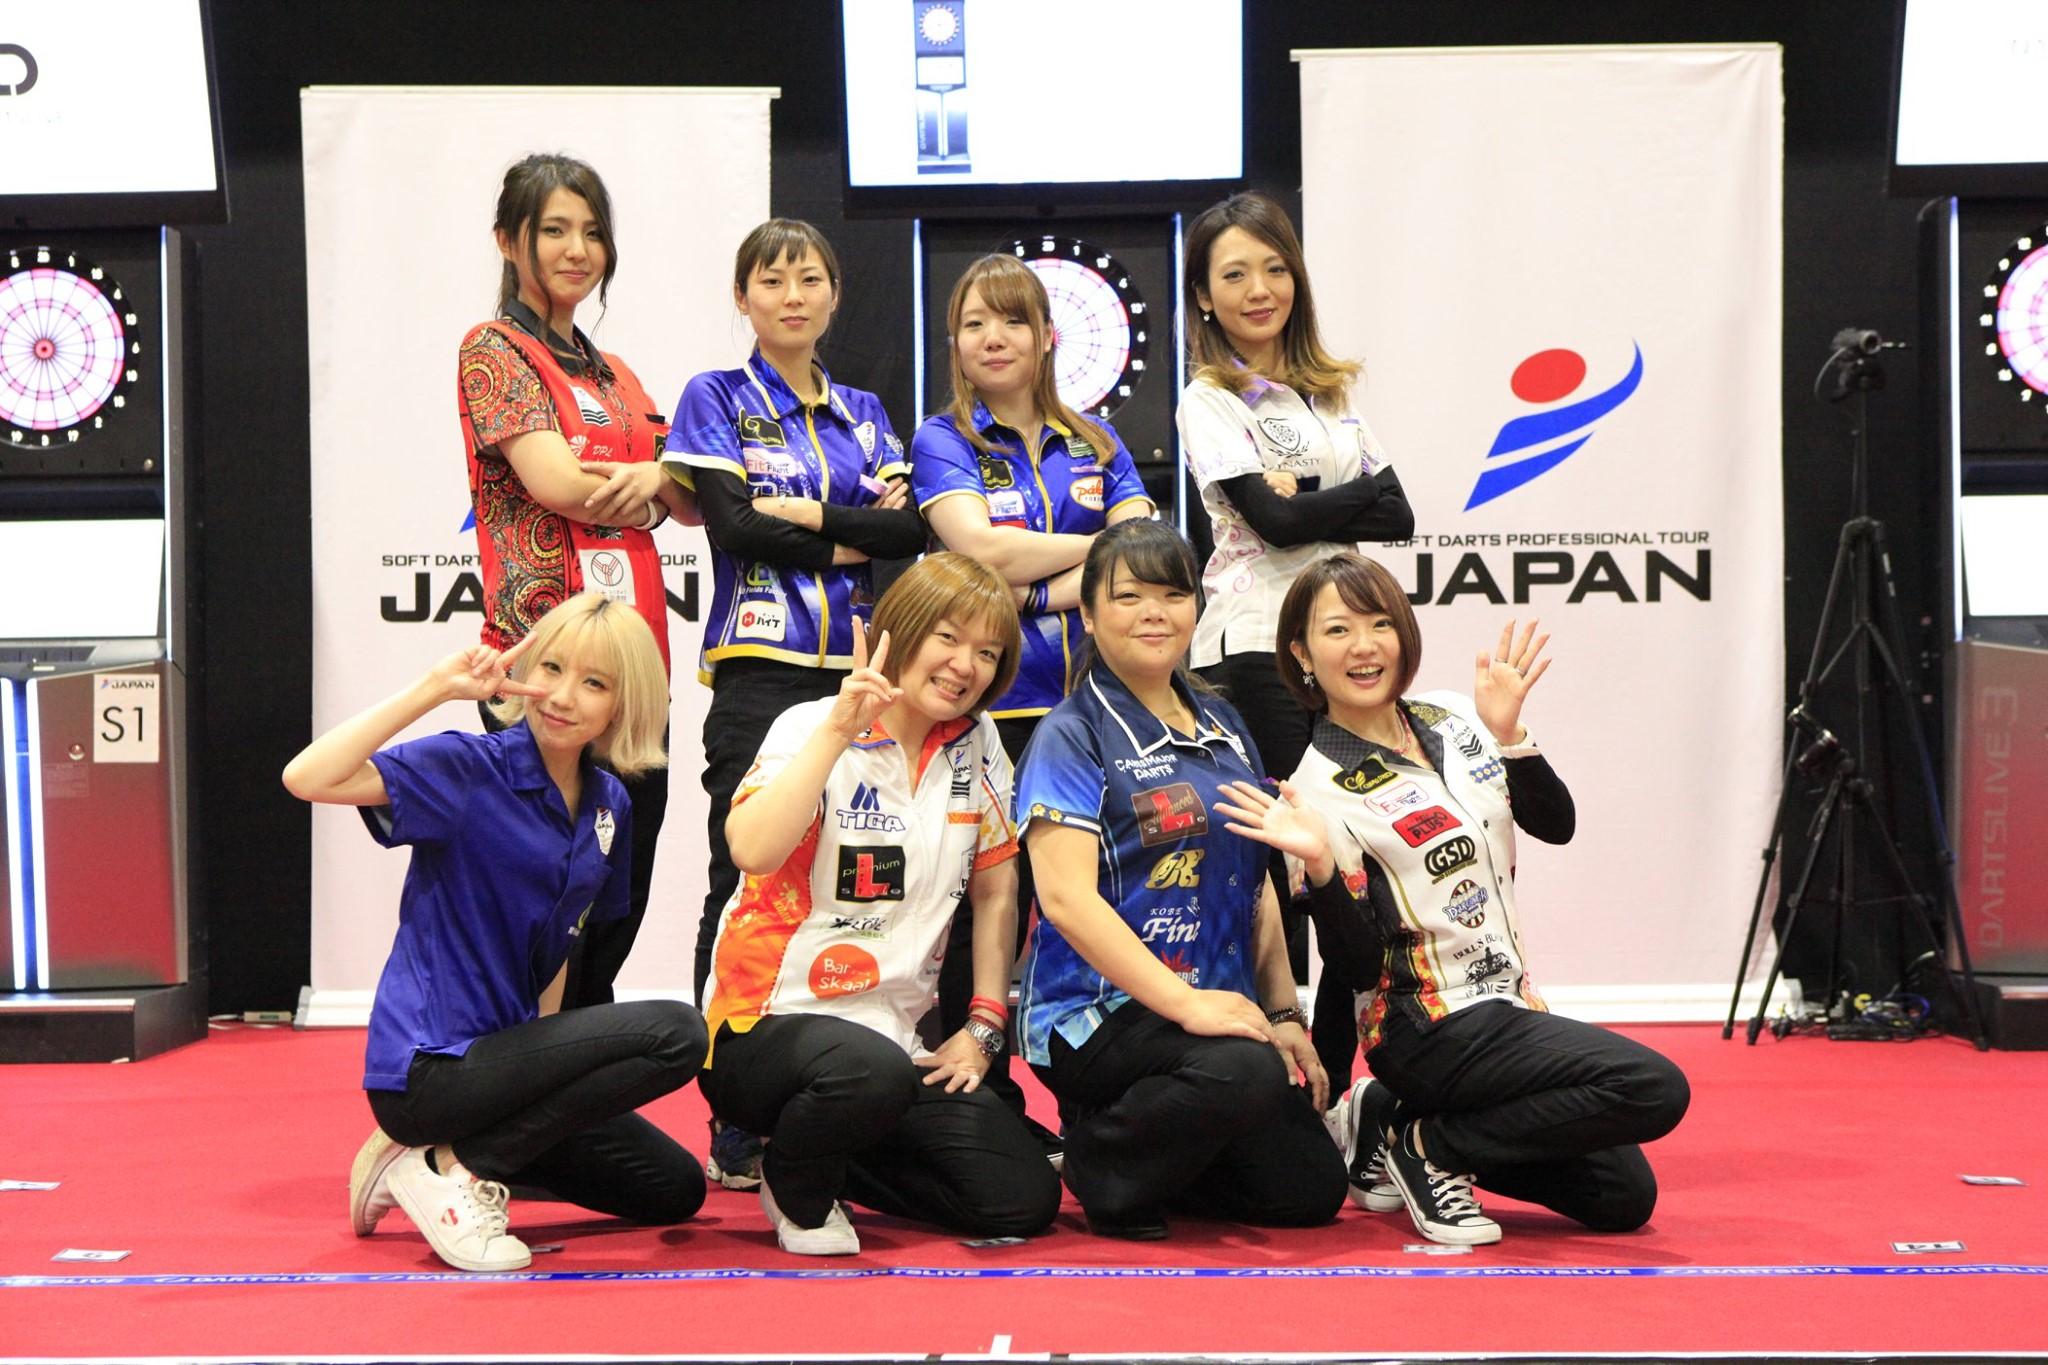 【JAPAN 2019】STAGE 14 北海道:JAPAN LADIES 8